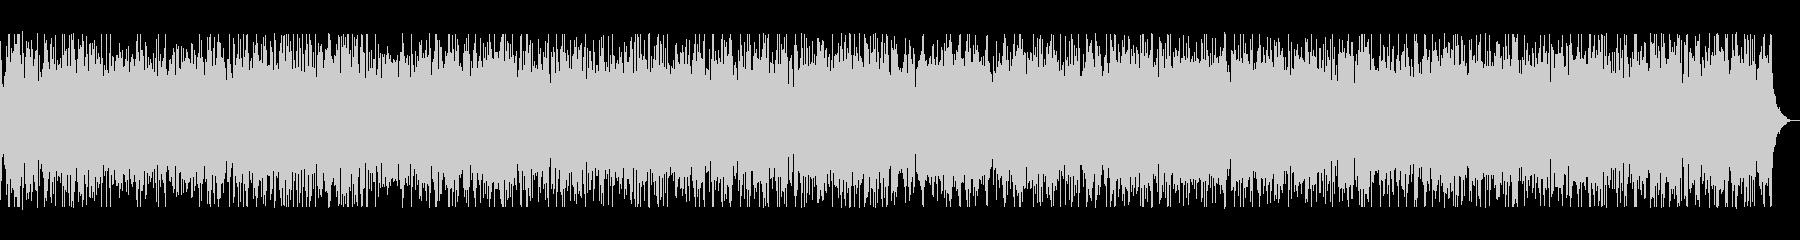 疾走感のある民族的フィドル演奏[6分間]の未再生の波形